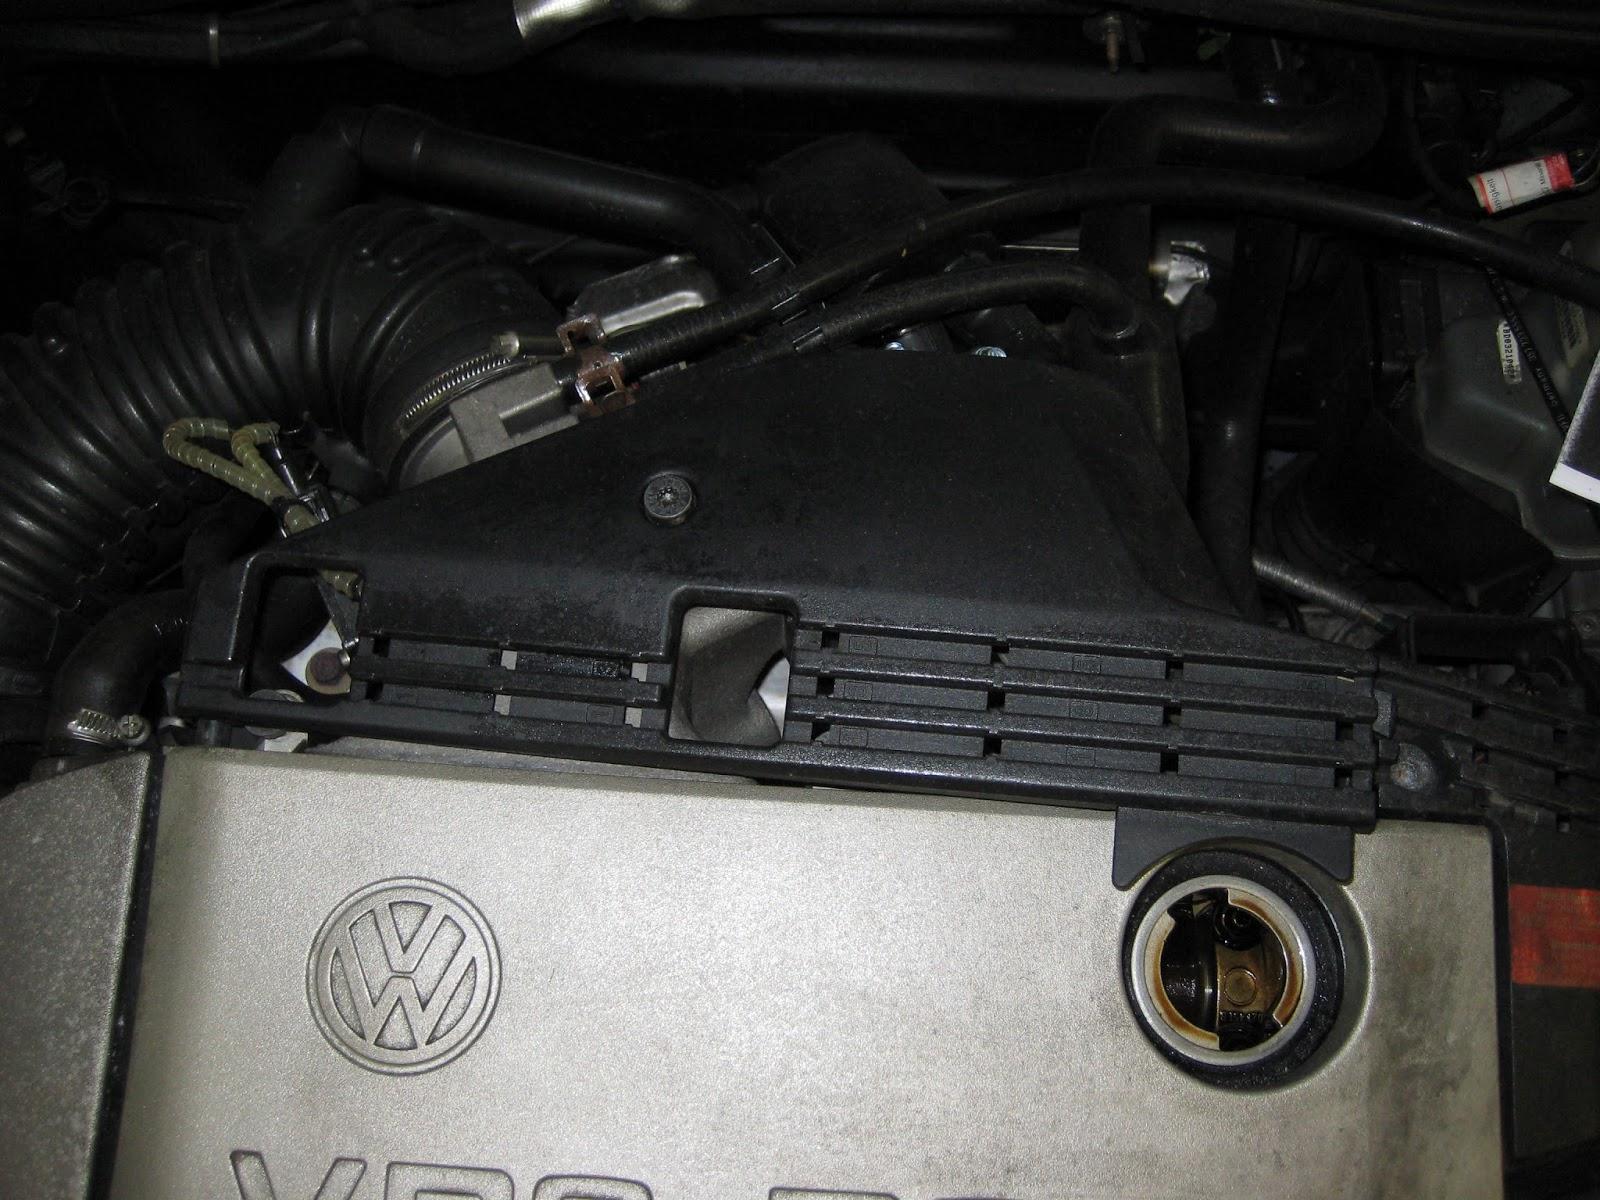 Auto Reparaturen, Umbauten, Car HiFi, Tuning: 2008